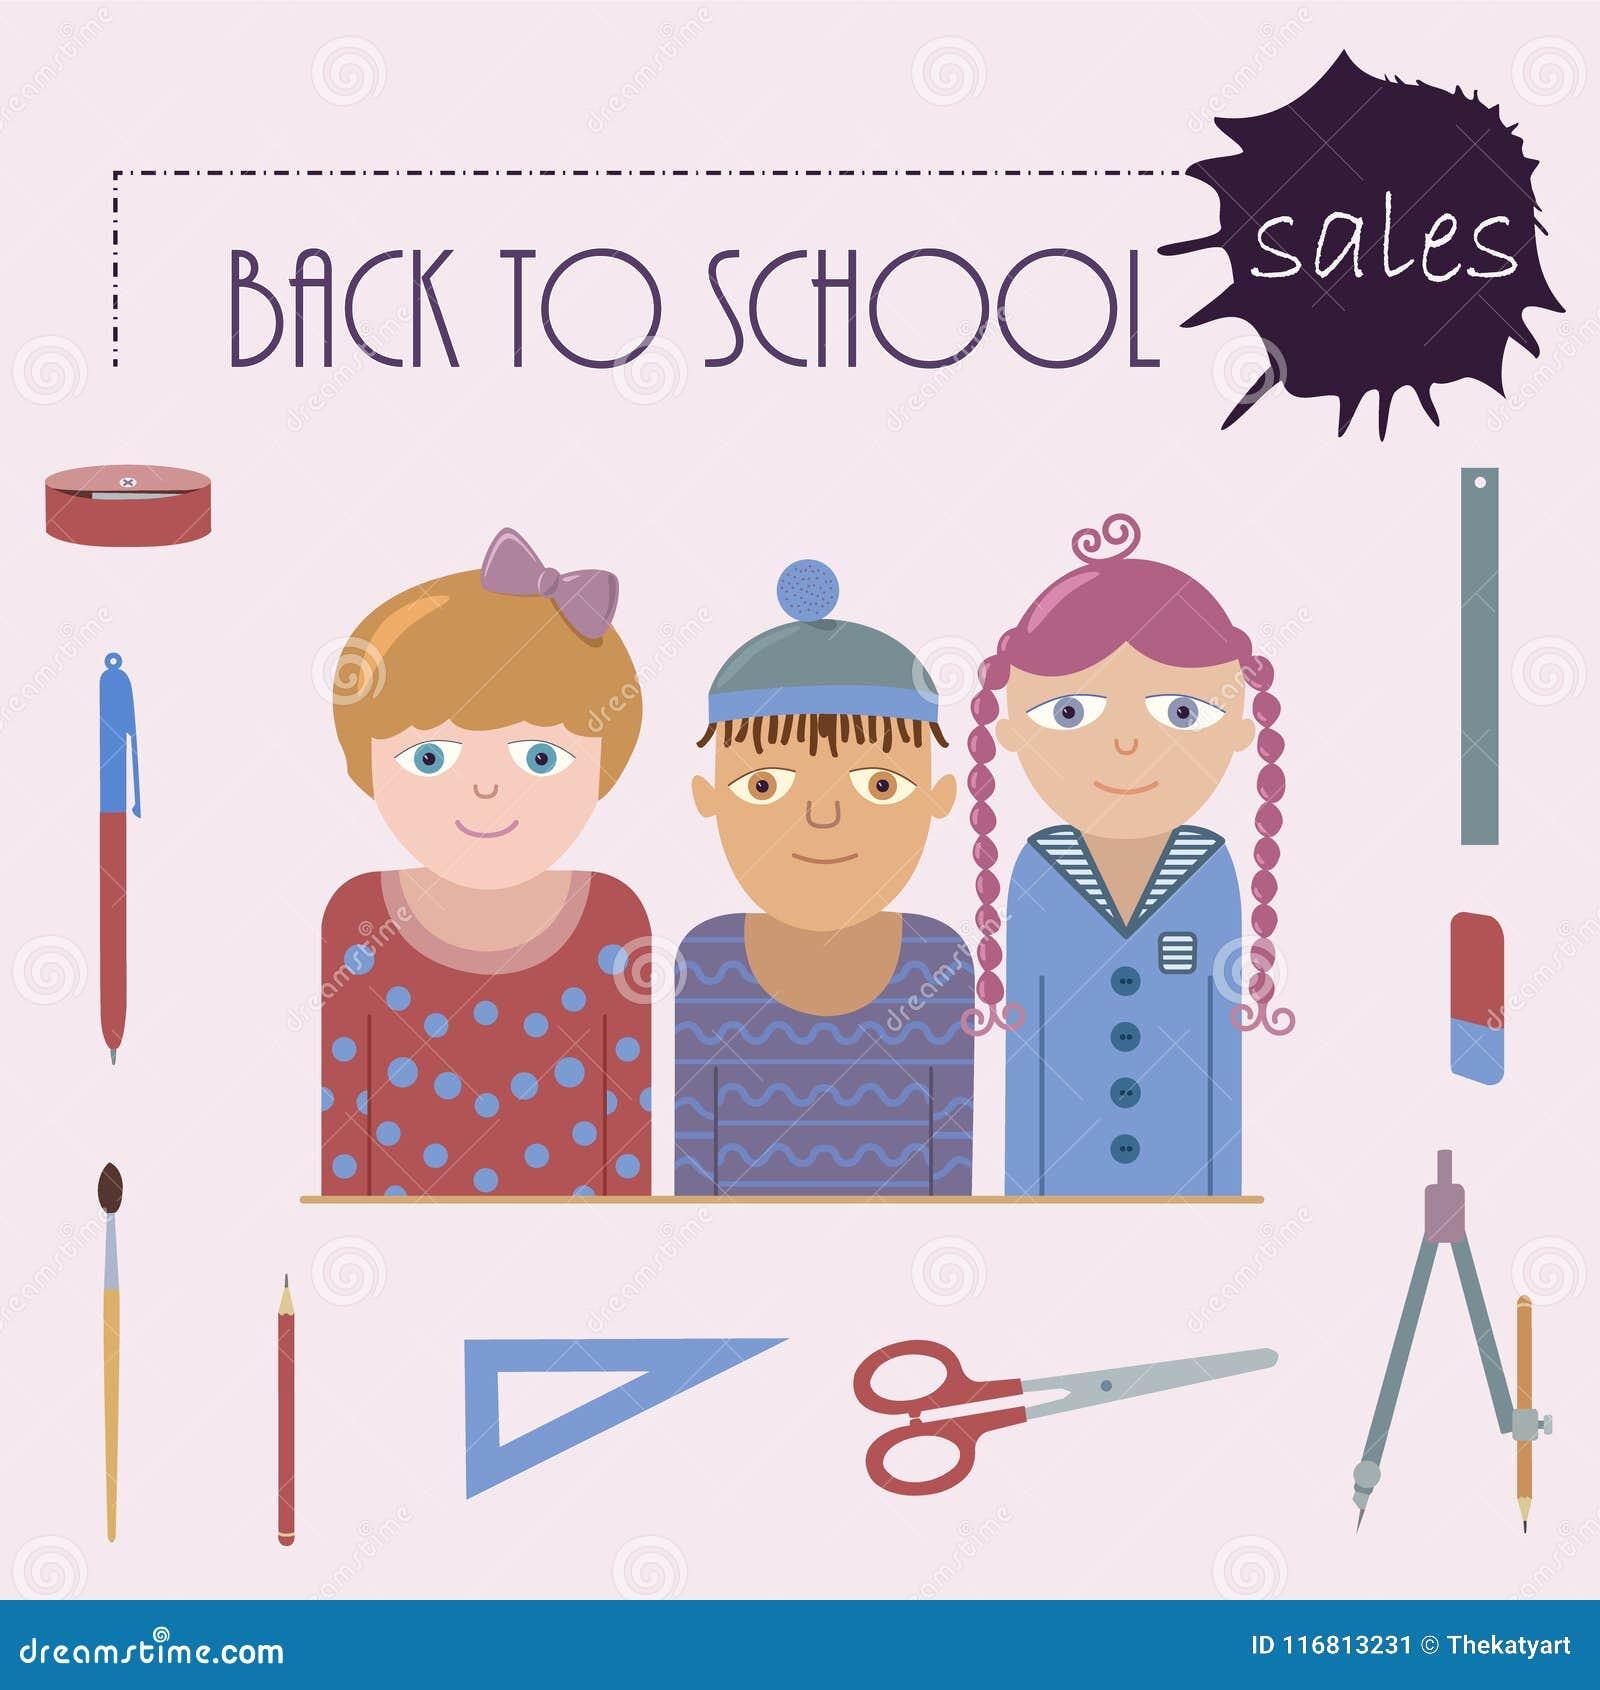 Cartel que representa de nuevo a ventas de la escuela